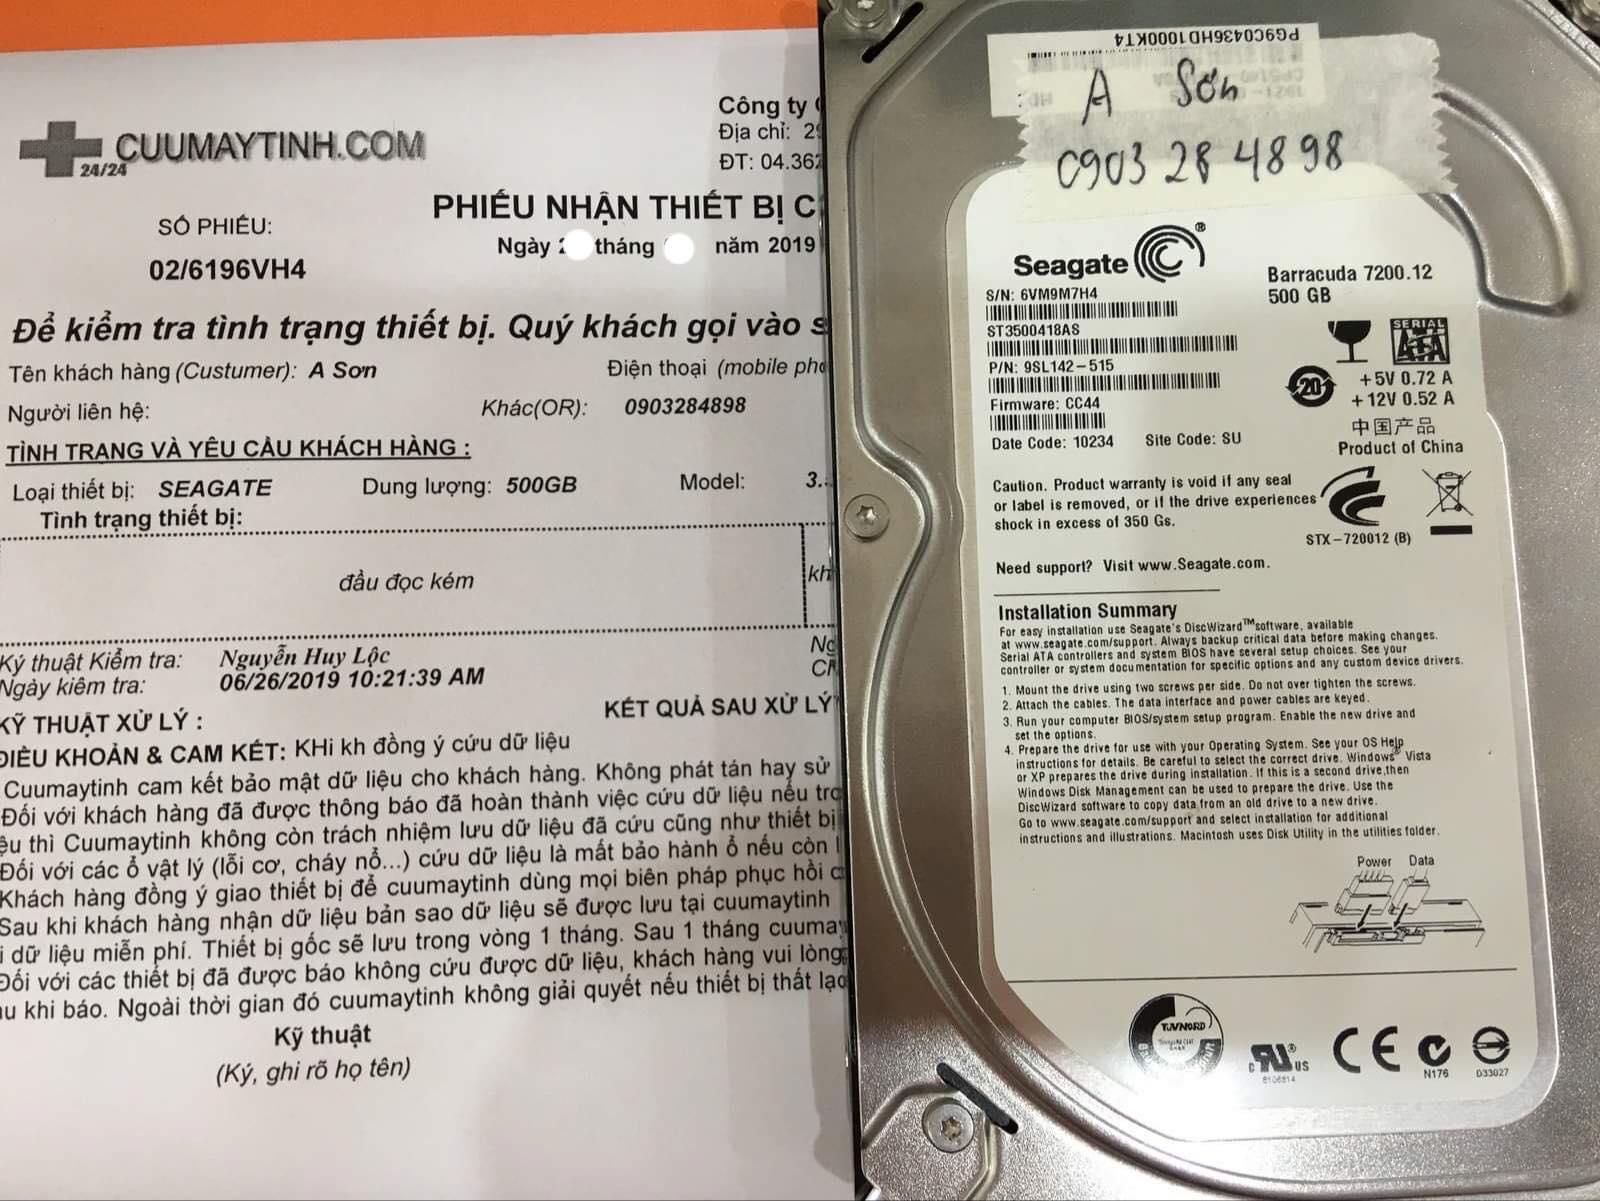 Khôi phục dữ liệu ổ cứng Seagate 500GB đầu đọc kém16/07/2019 - cuumaytinh